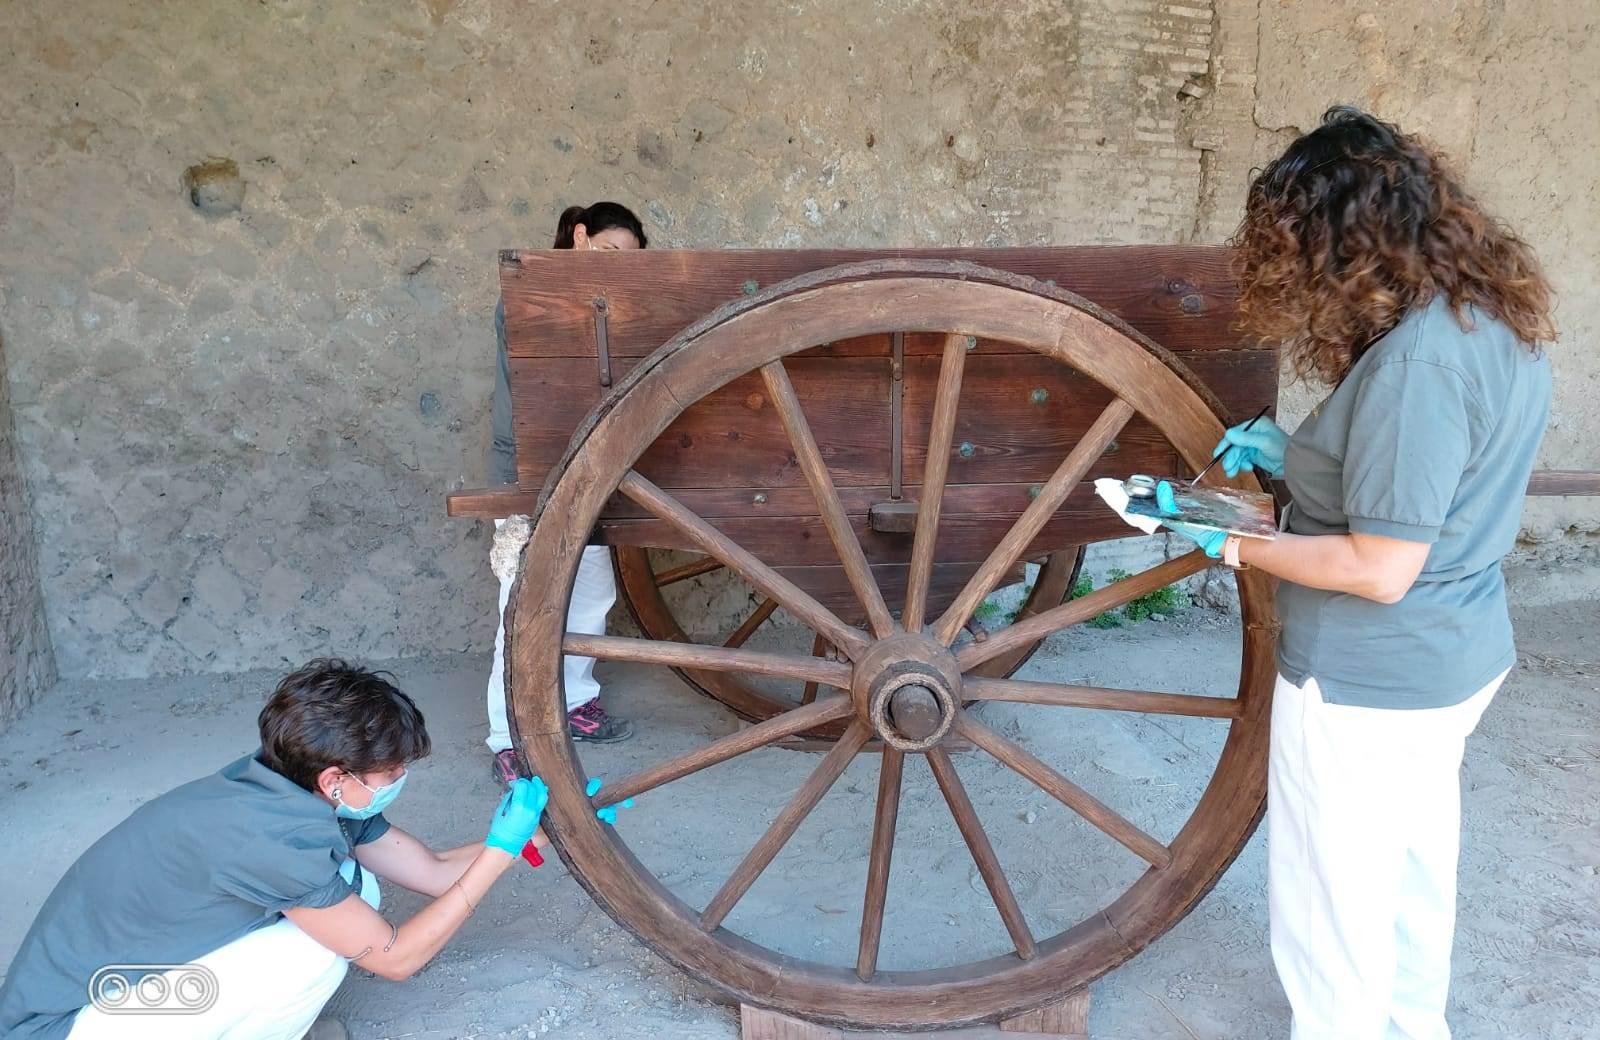 Pompei 'fase 2': riaprono due ingressi e percorsi nell'antica città. Dal 10 giugno riapre villa Regina di Boscoreale